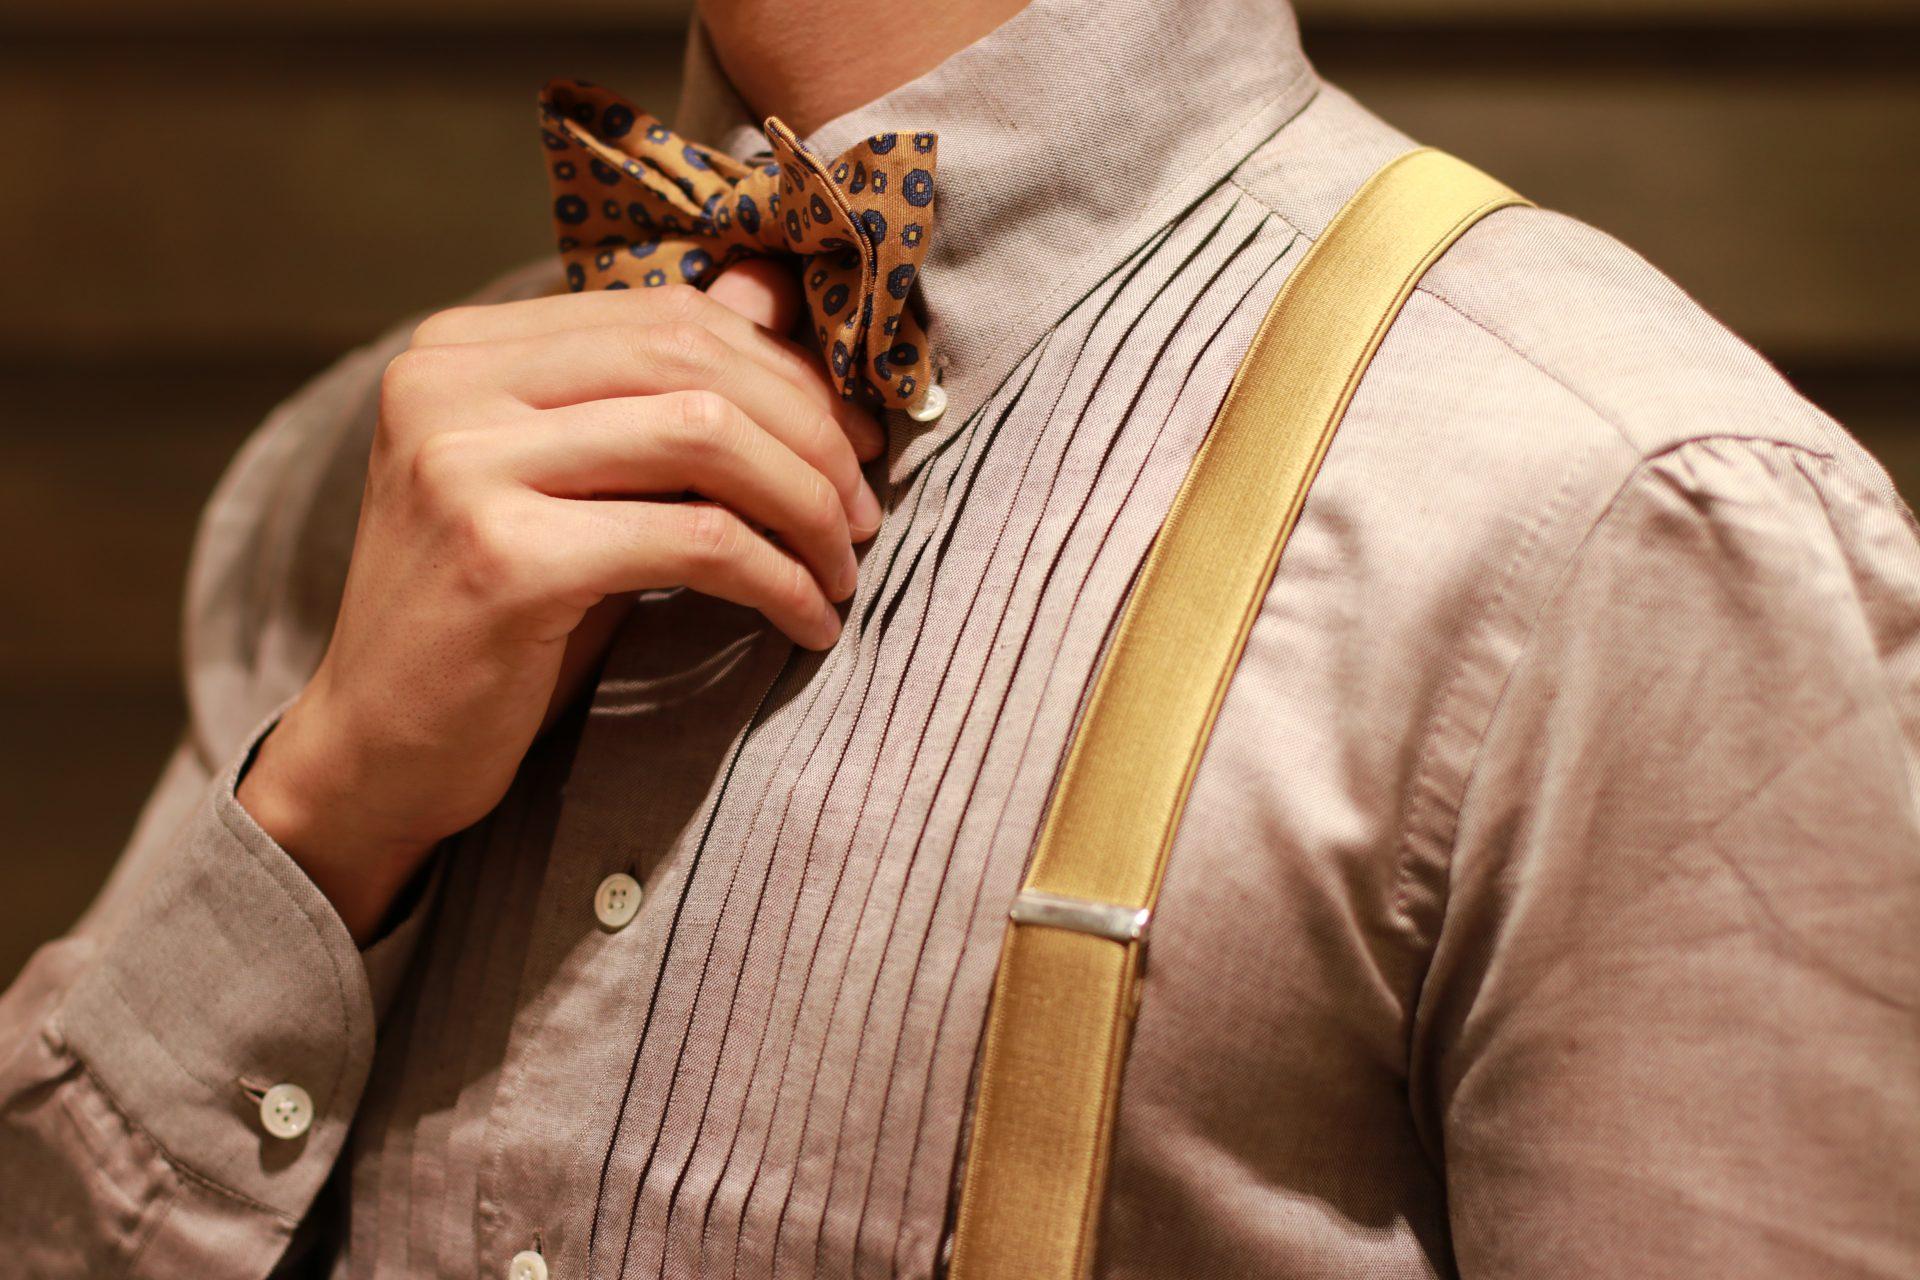 ザ・トリート・ドレッシング アディション店のご提案する、プリーツの入ったブラウンシャツにマスタードイエローのサスペンダーを合わせたトラッドなコーディネートは、専属会場である赤坂プリンスクラシックハウスでの秋のお式におすすめです